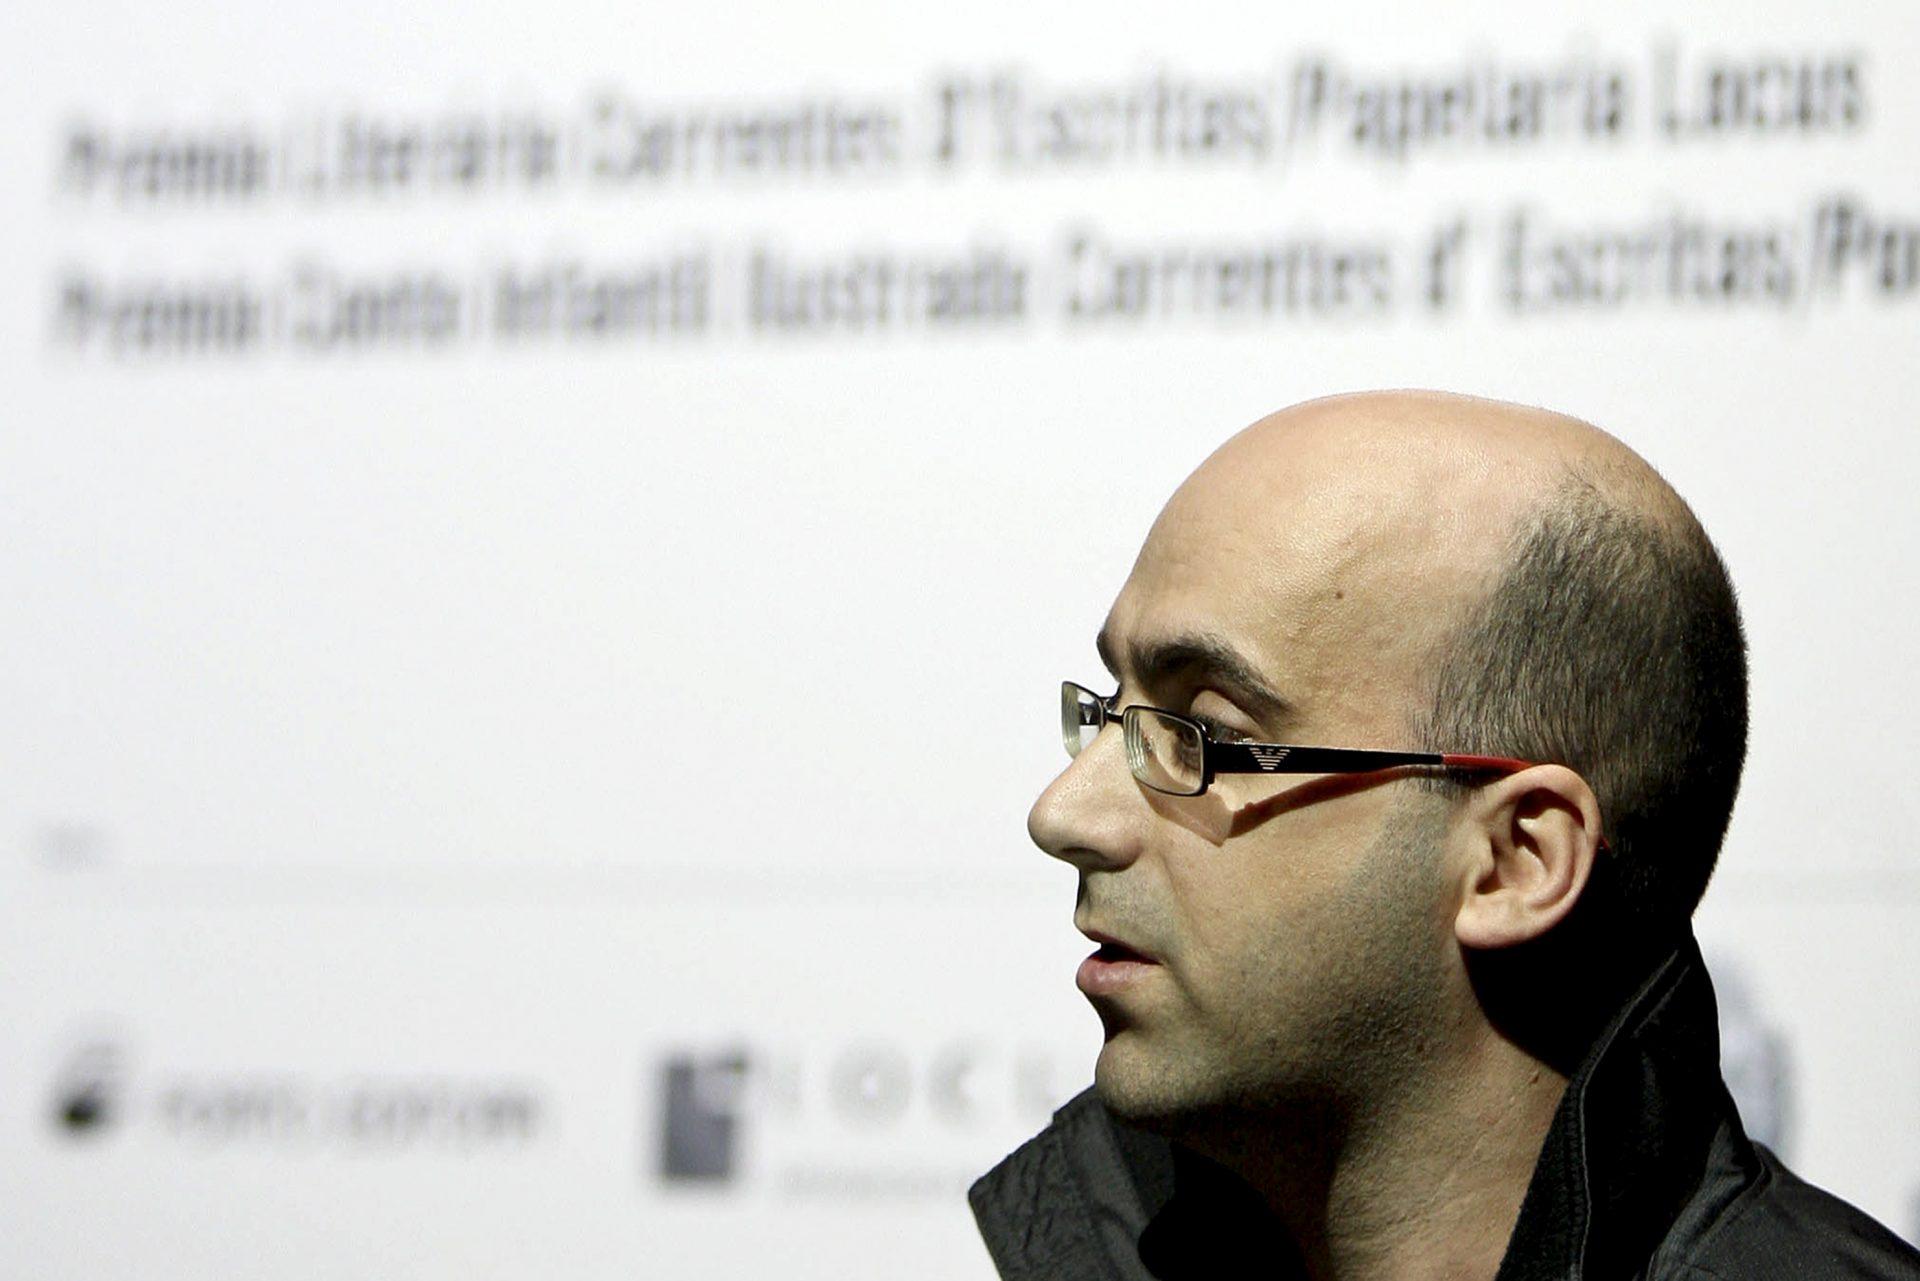 O escritor Valter Hugo Mãe. Correntes d'e Escritas/Casino da Póvoa, 24 fevereiro de 2010. ESTELA SILVA/LUSA